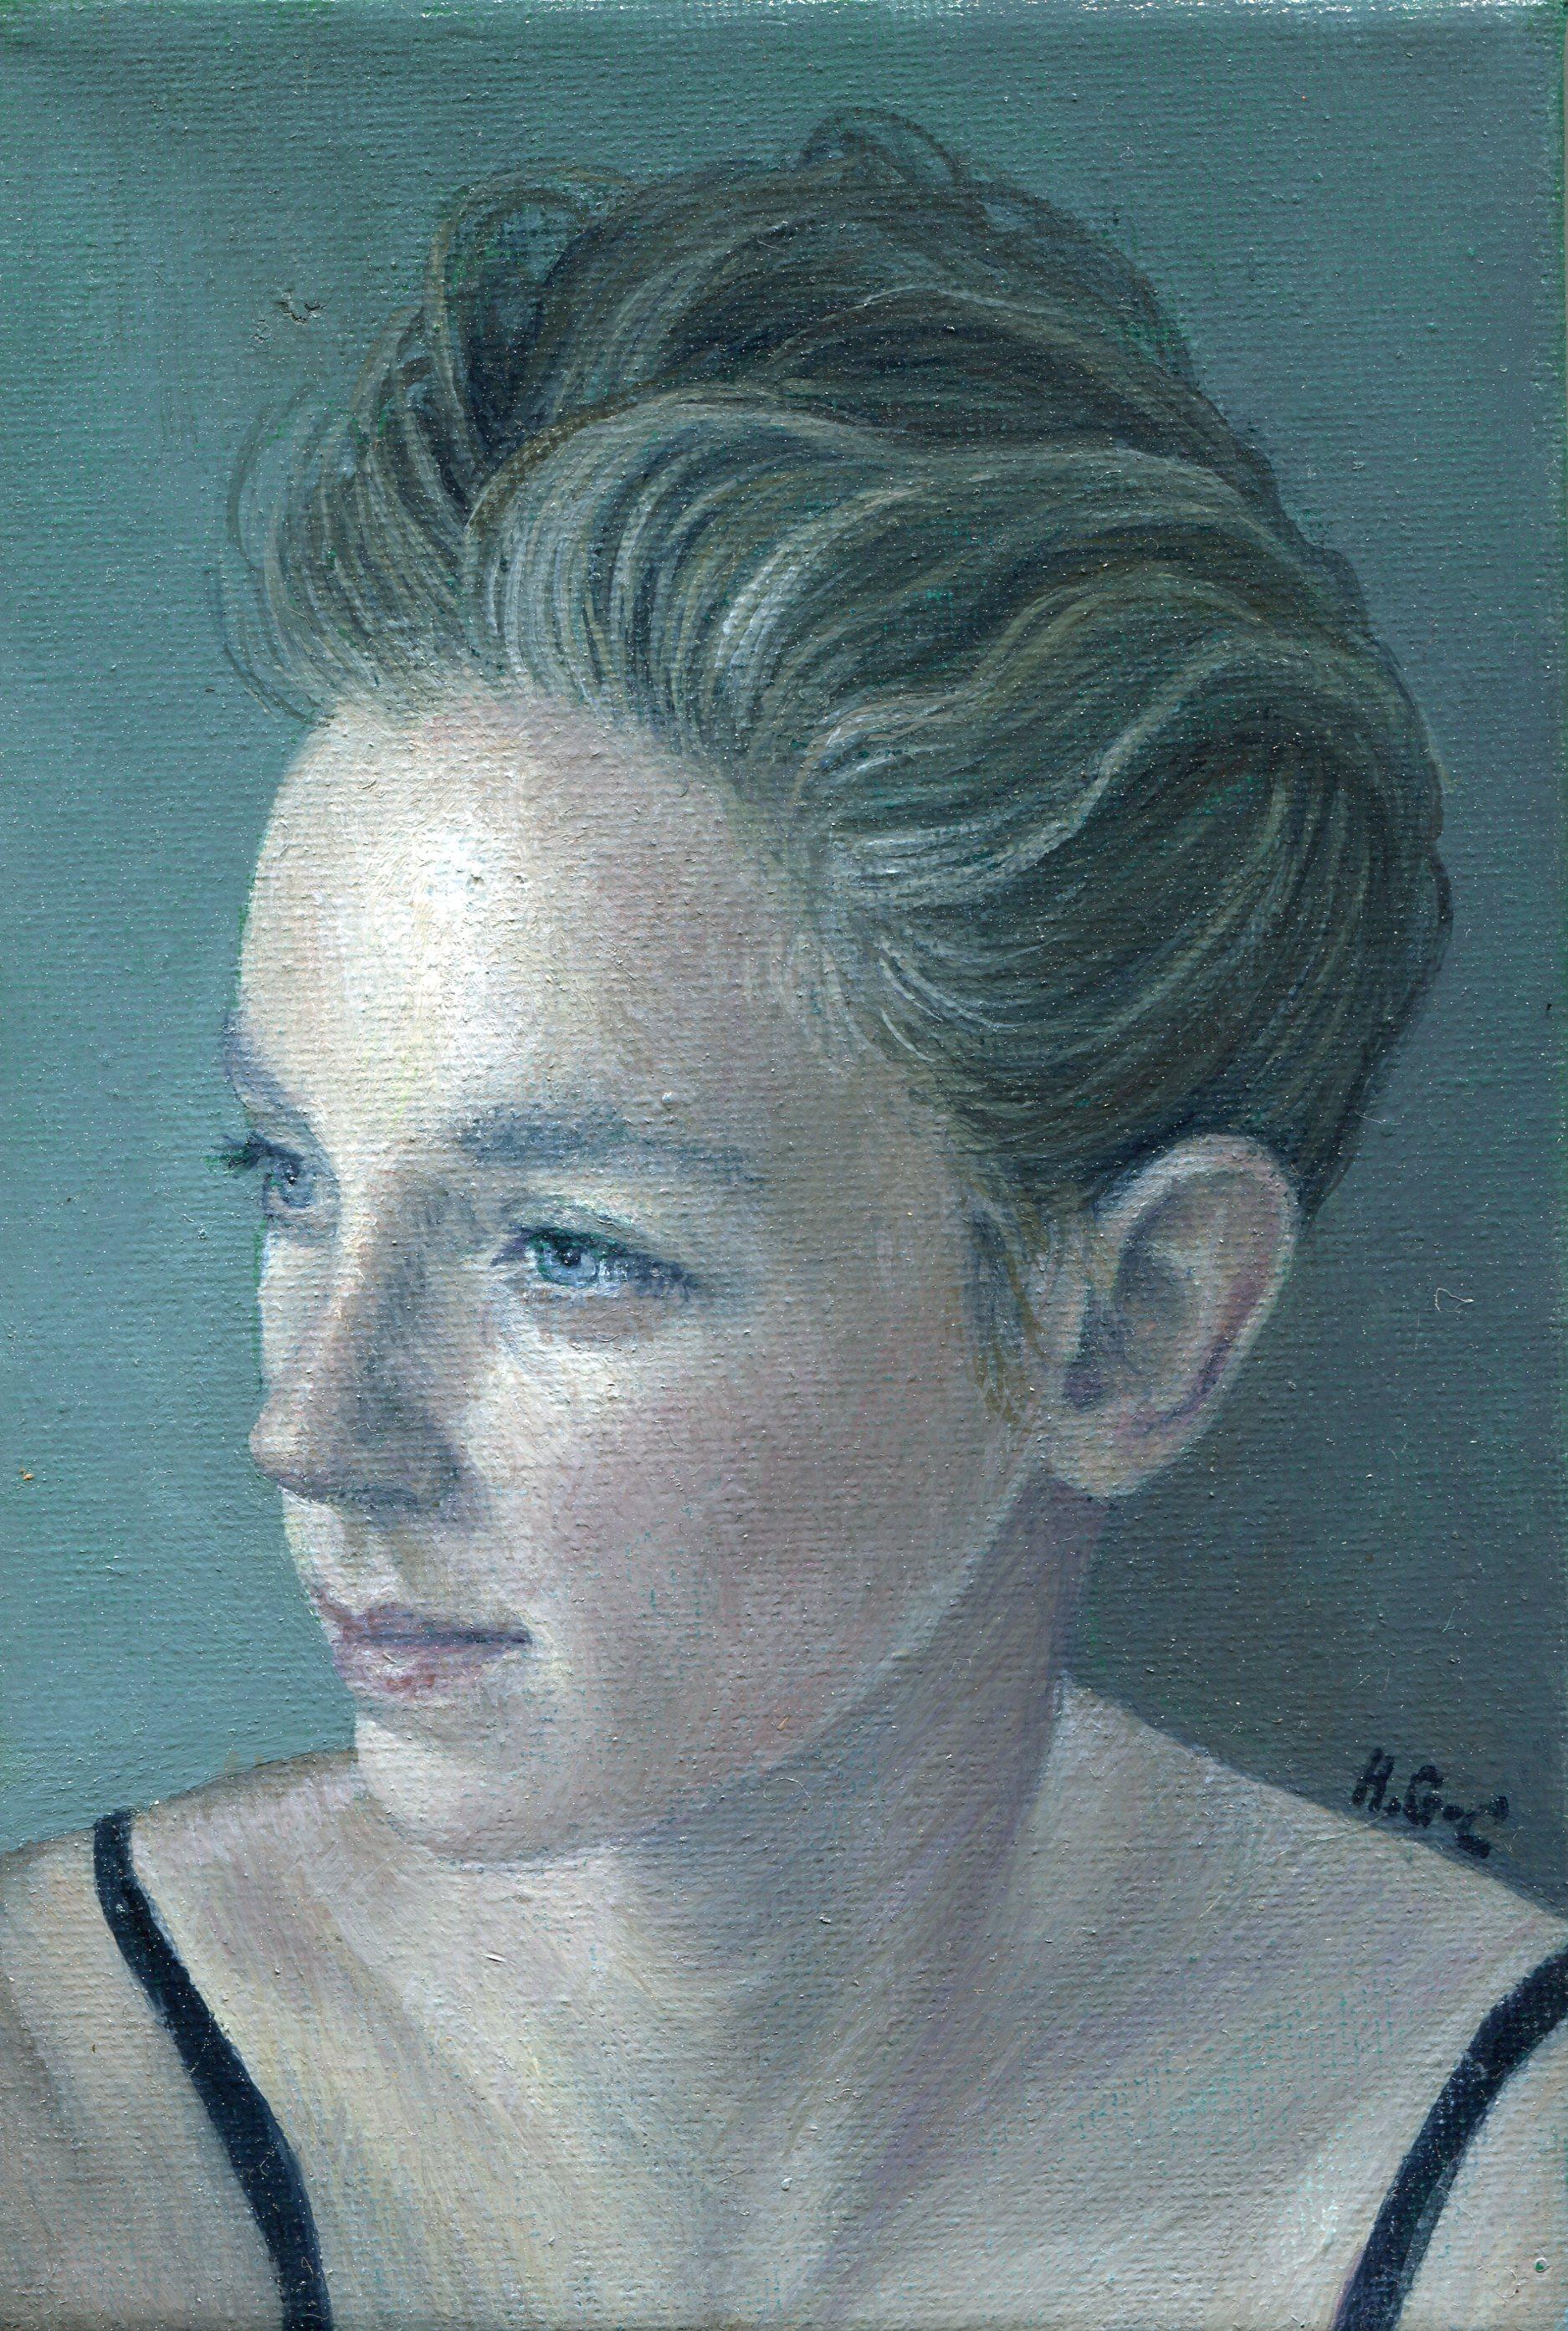 42a  Heather Gourlay-Conyngham  Tegan  oil on canvas